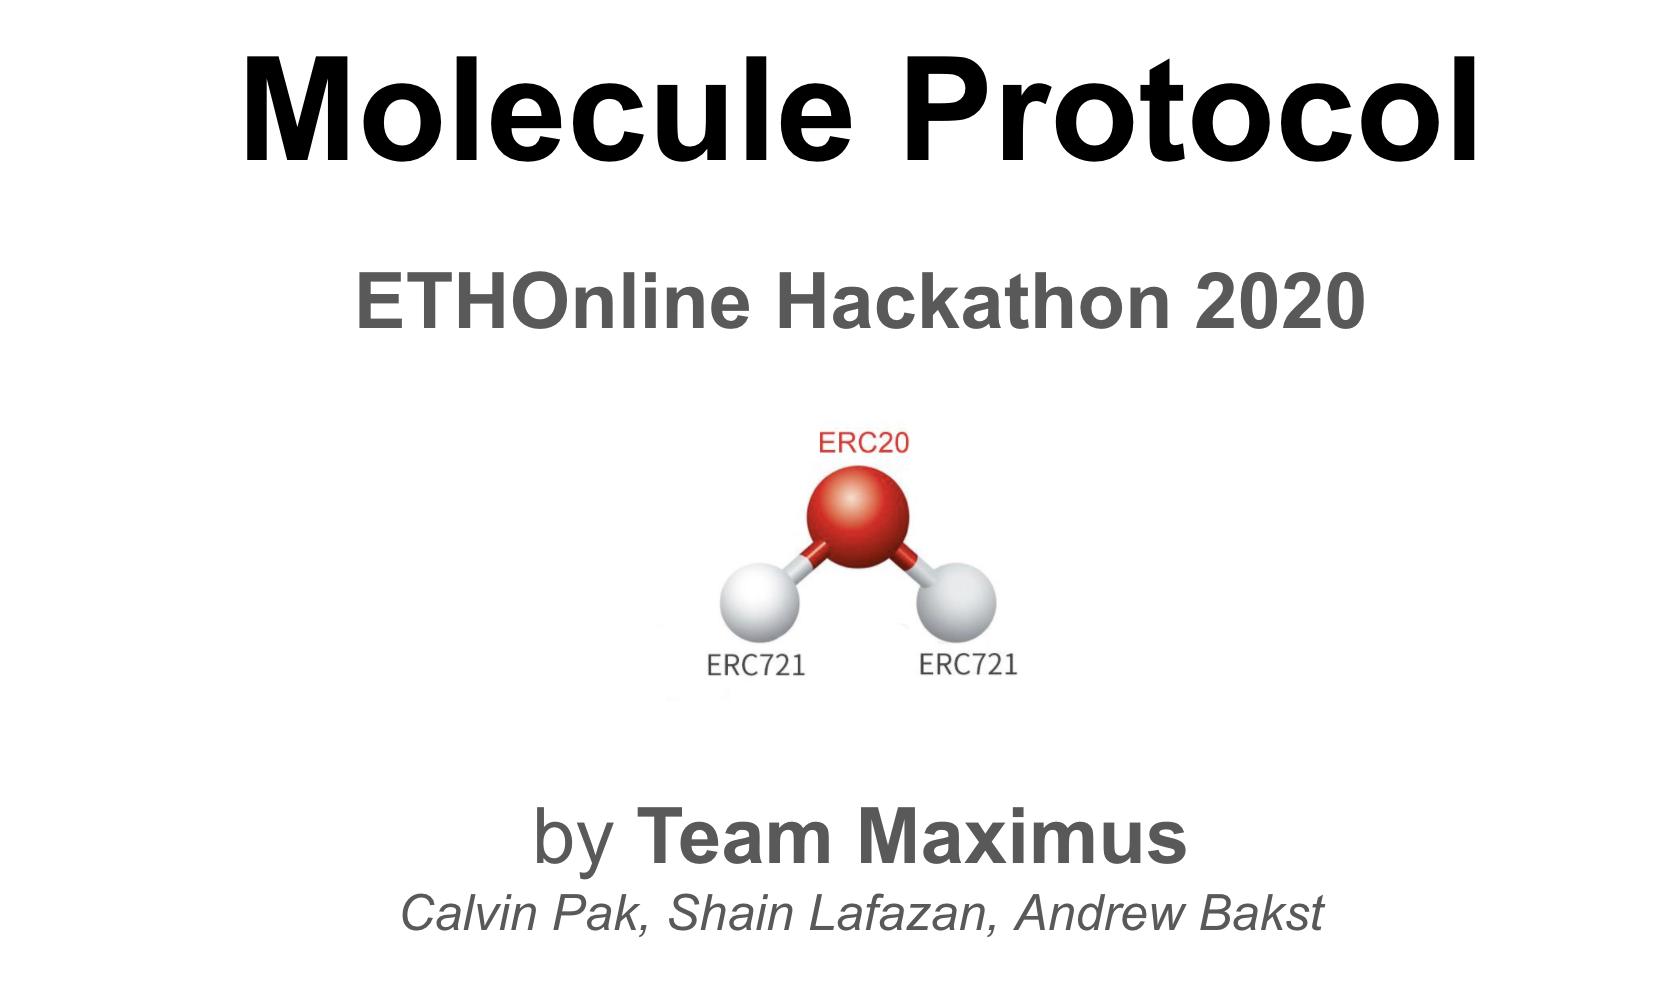 Molecule Protocol showcase